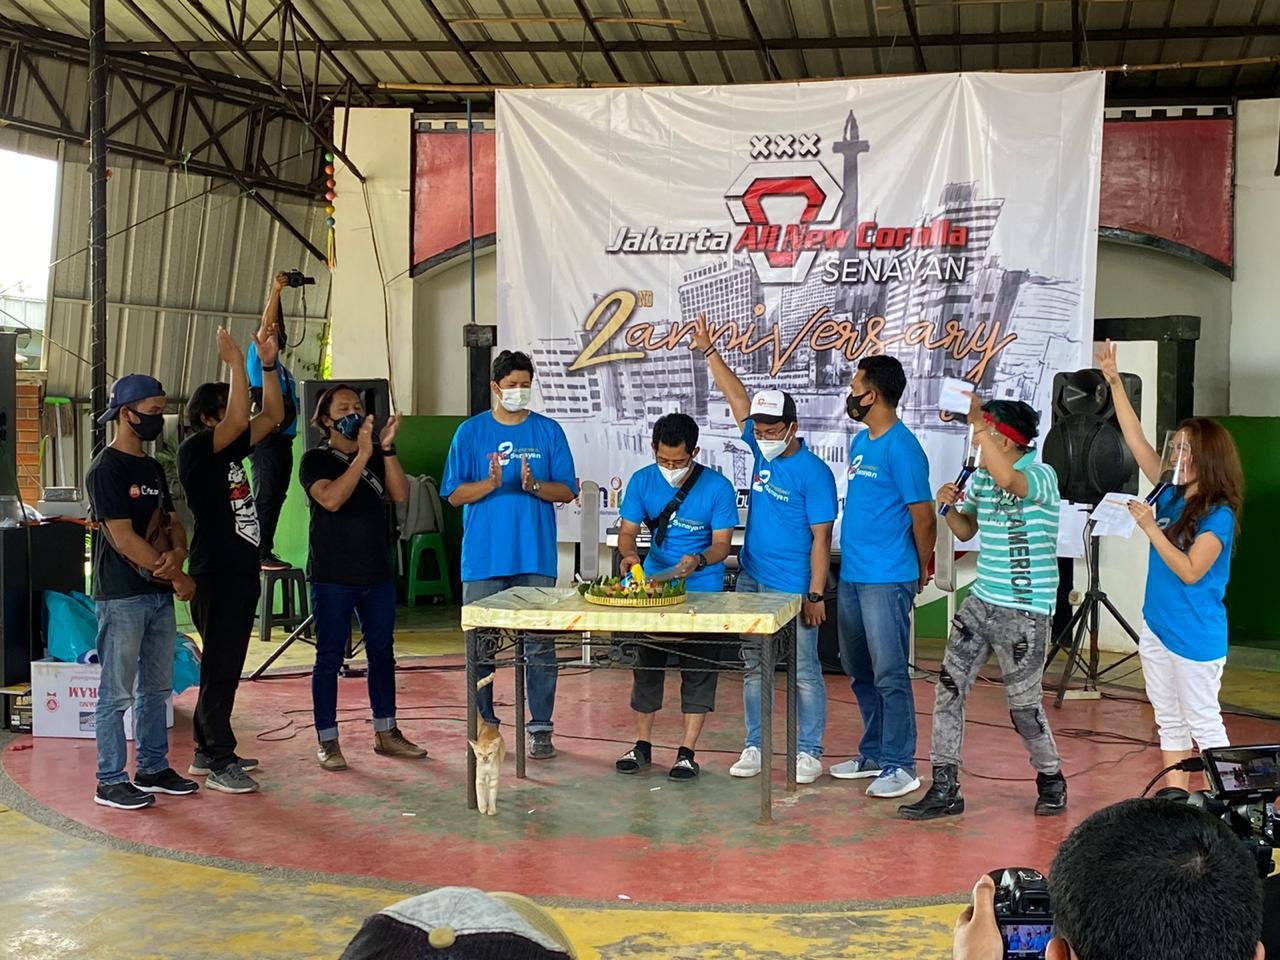 JANC Senayan Berpesta di Taman Mini, Ada Apa?